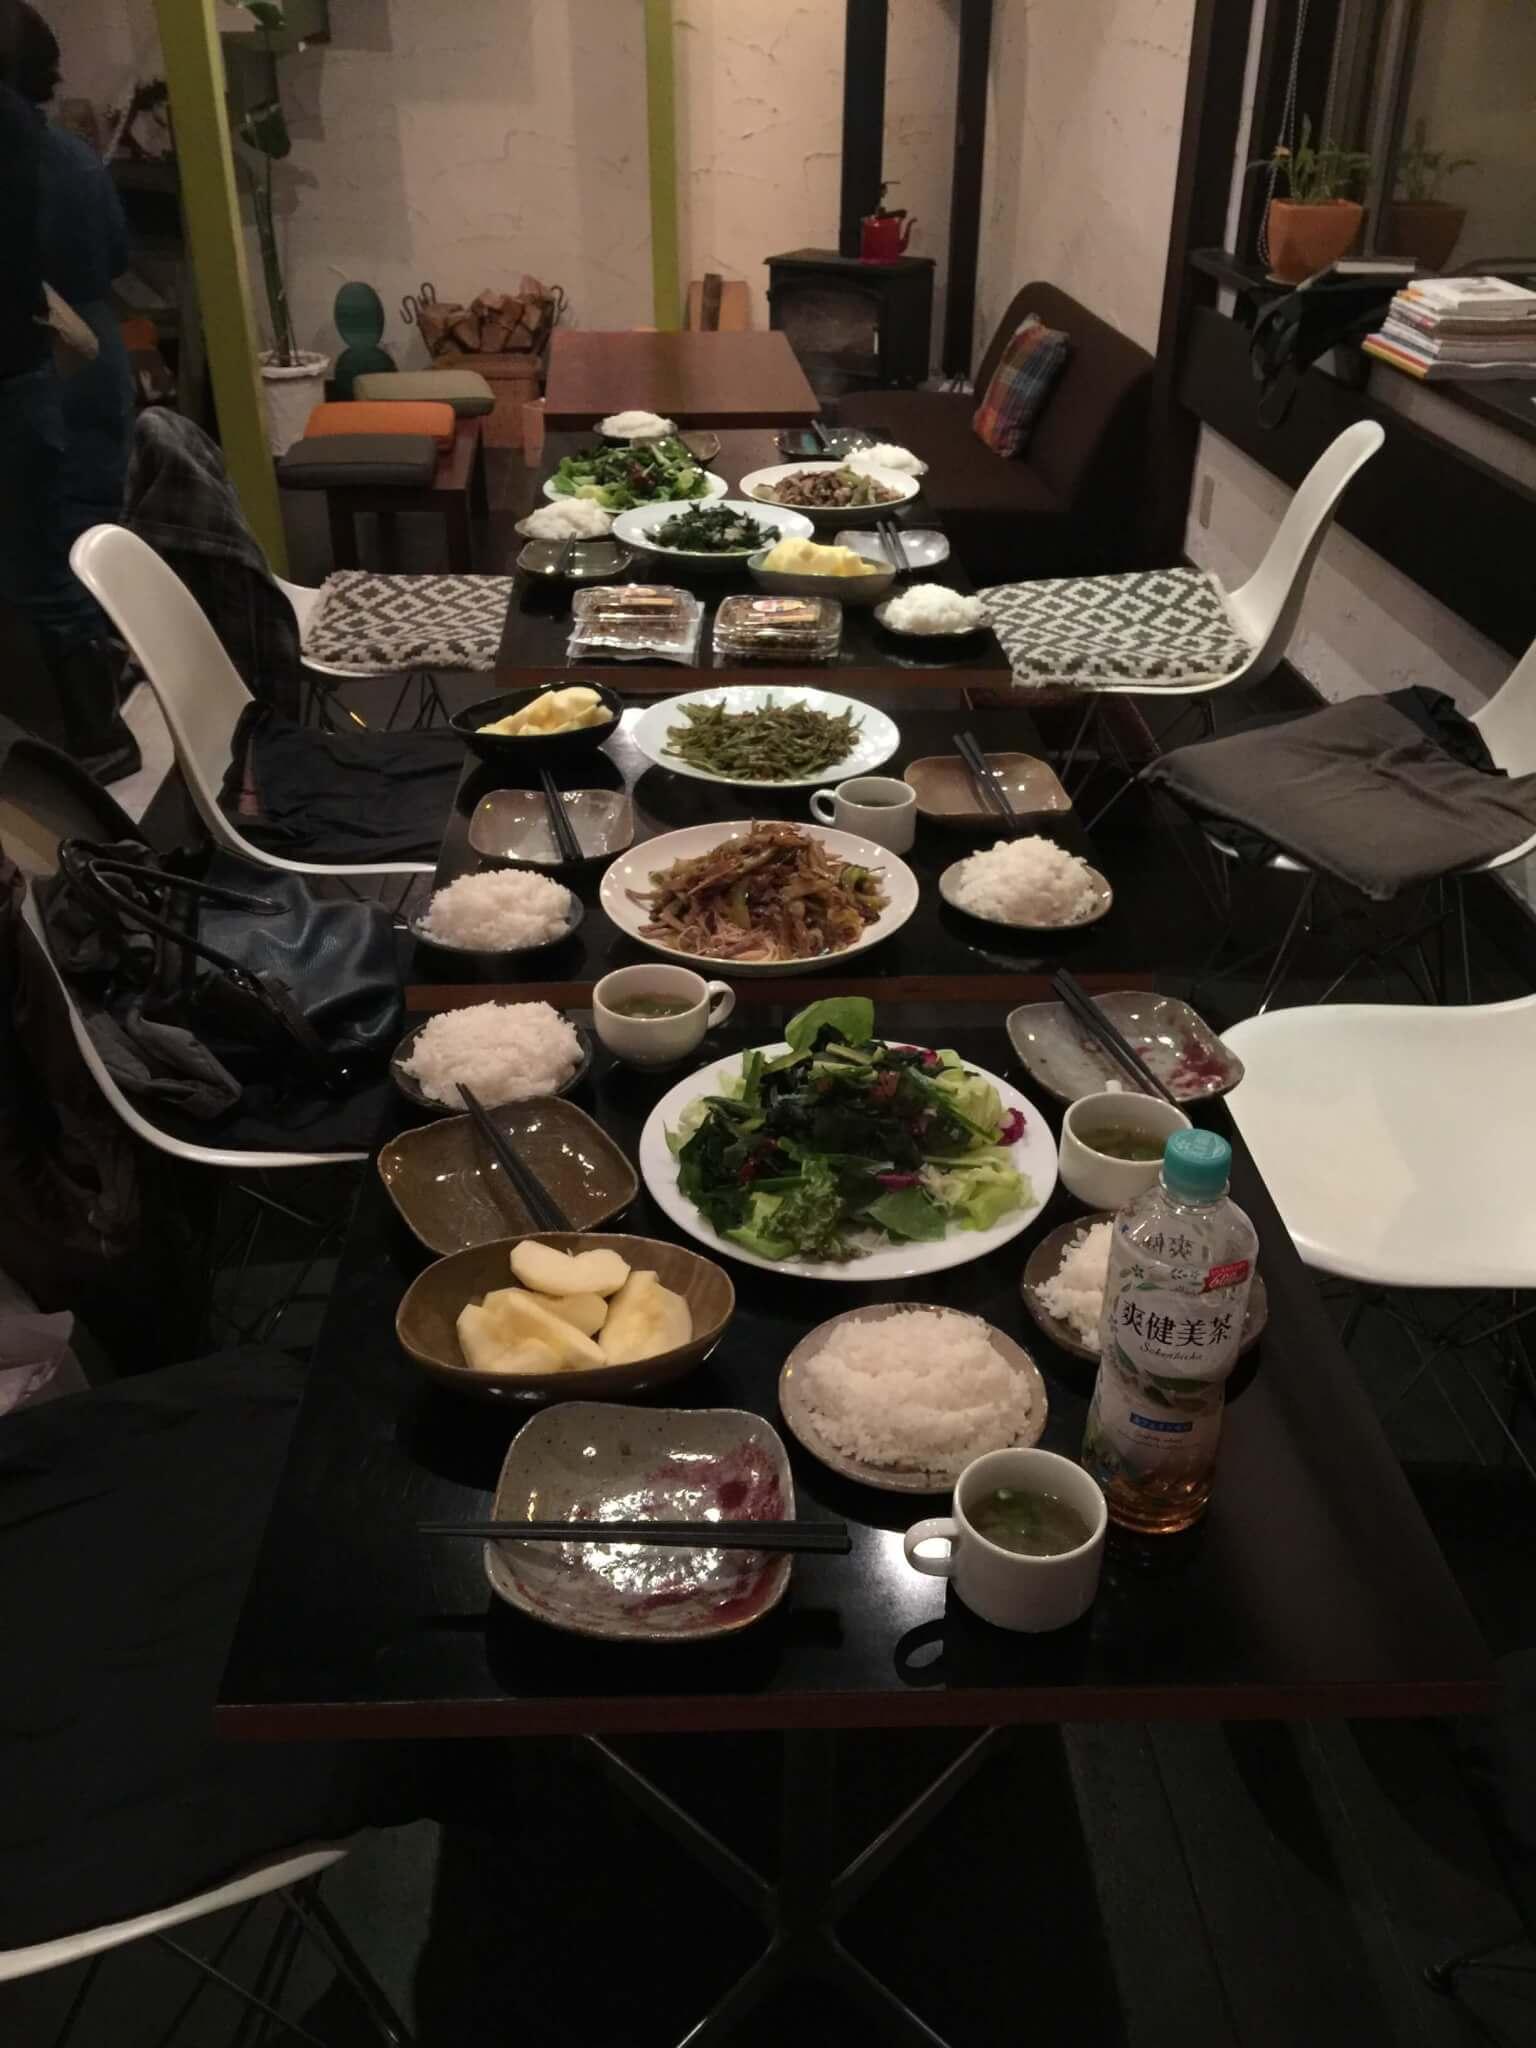 瀬戸内0円キッチンで提供された料理